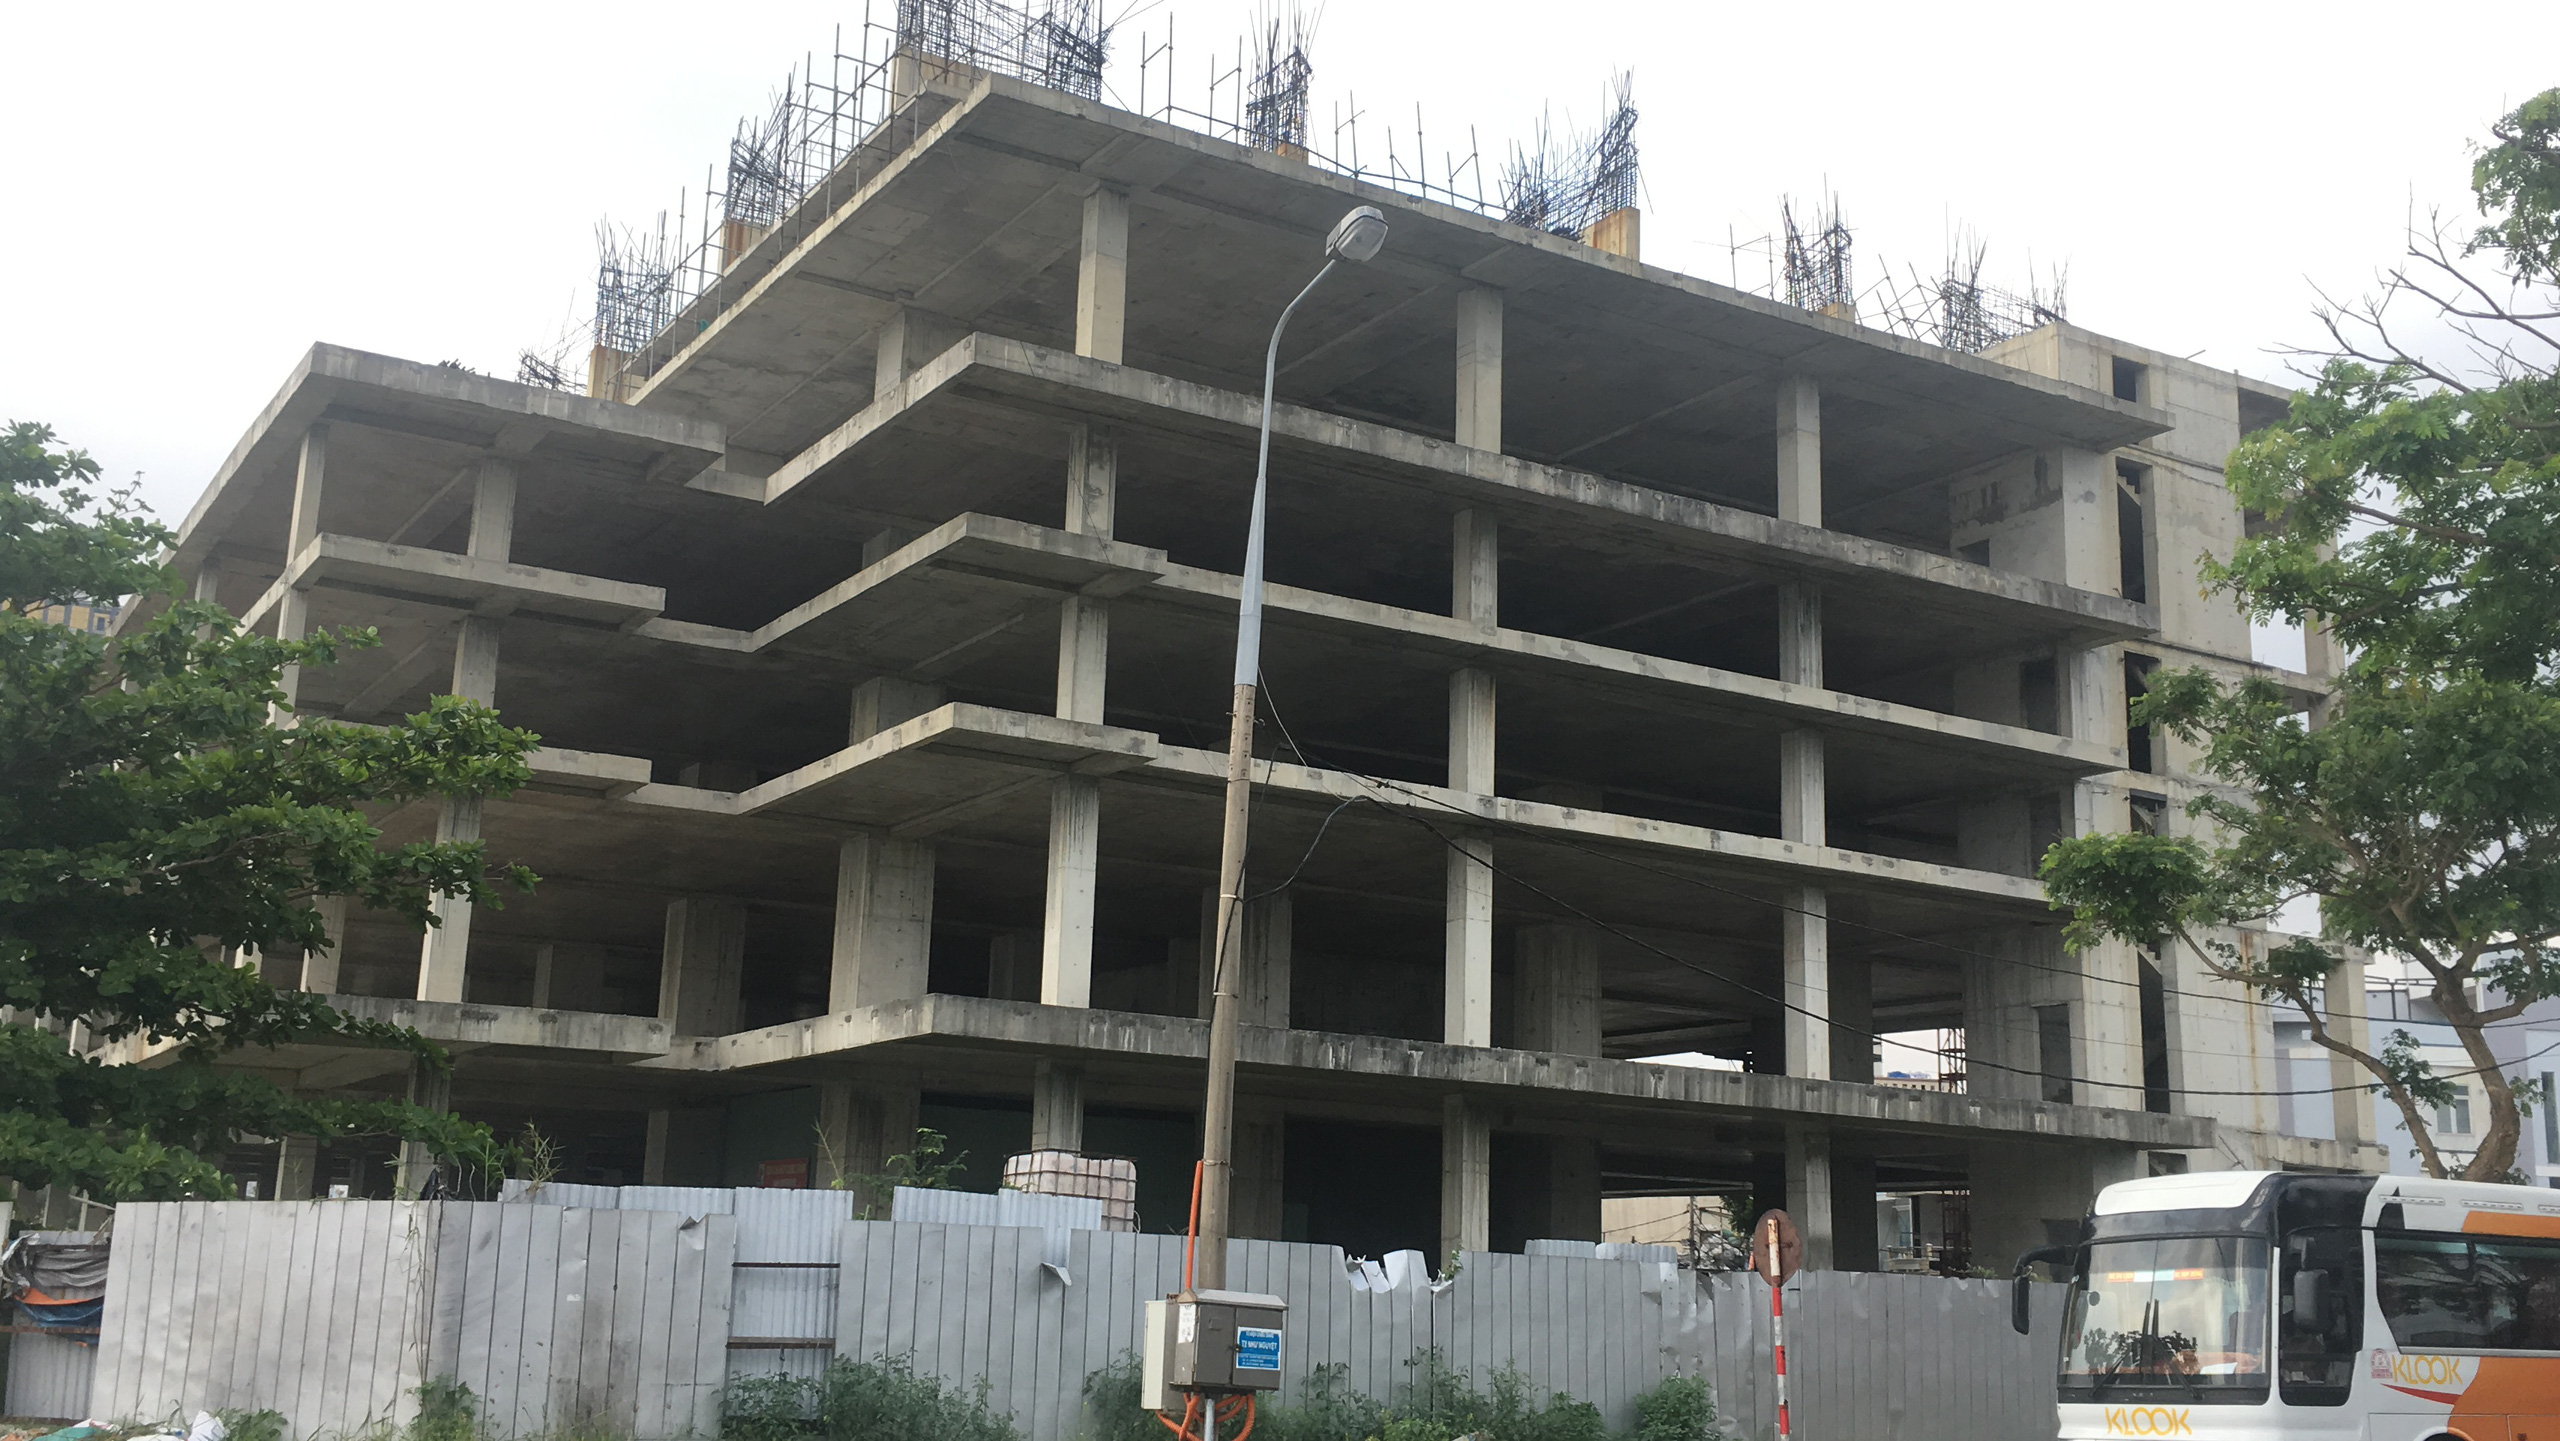 Dự án chung cư cao cấp bỏ hoang trên đất vàng mặt tiền sông Hàn Đà Nẵng - Ảnh 7.